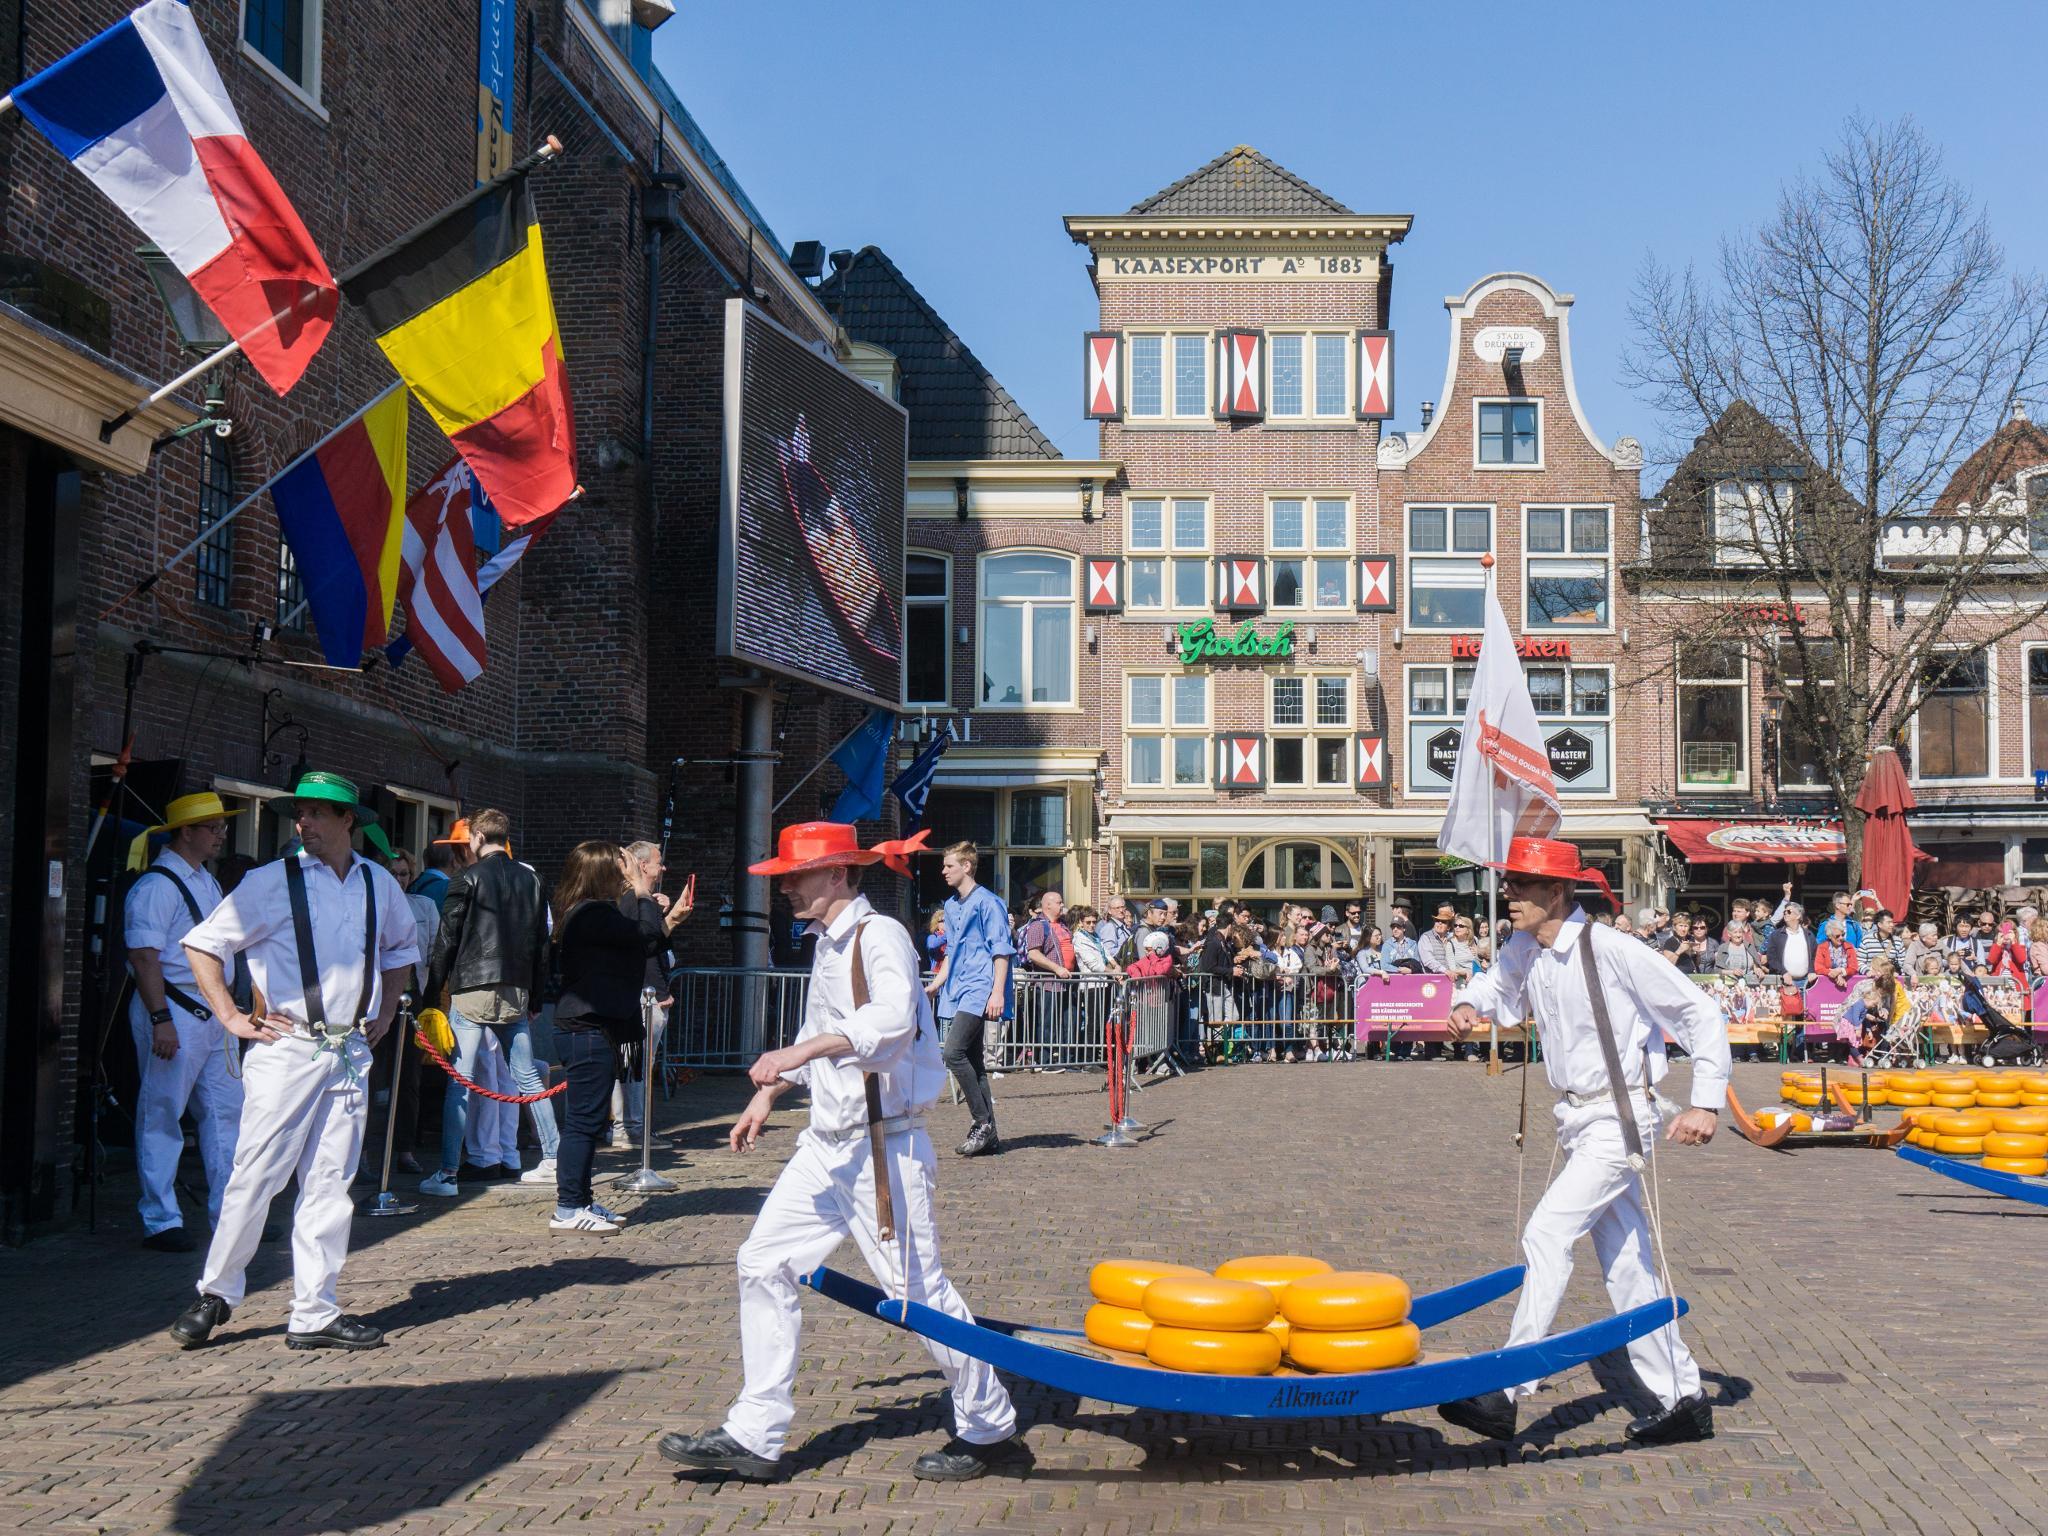 【荷蘭印象】體驗道地的荷式風情 — Alkmaar 起司市集 散步路線整理 21